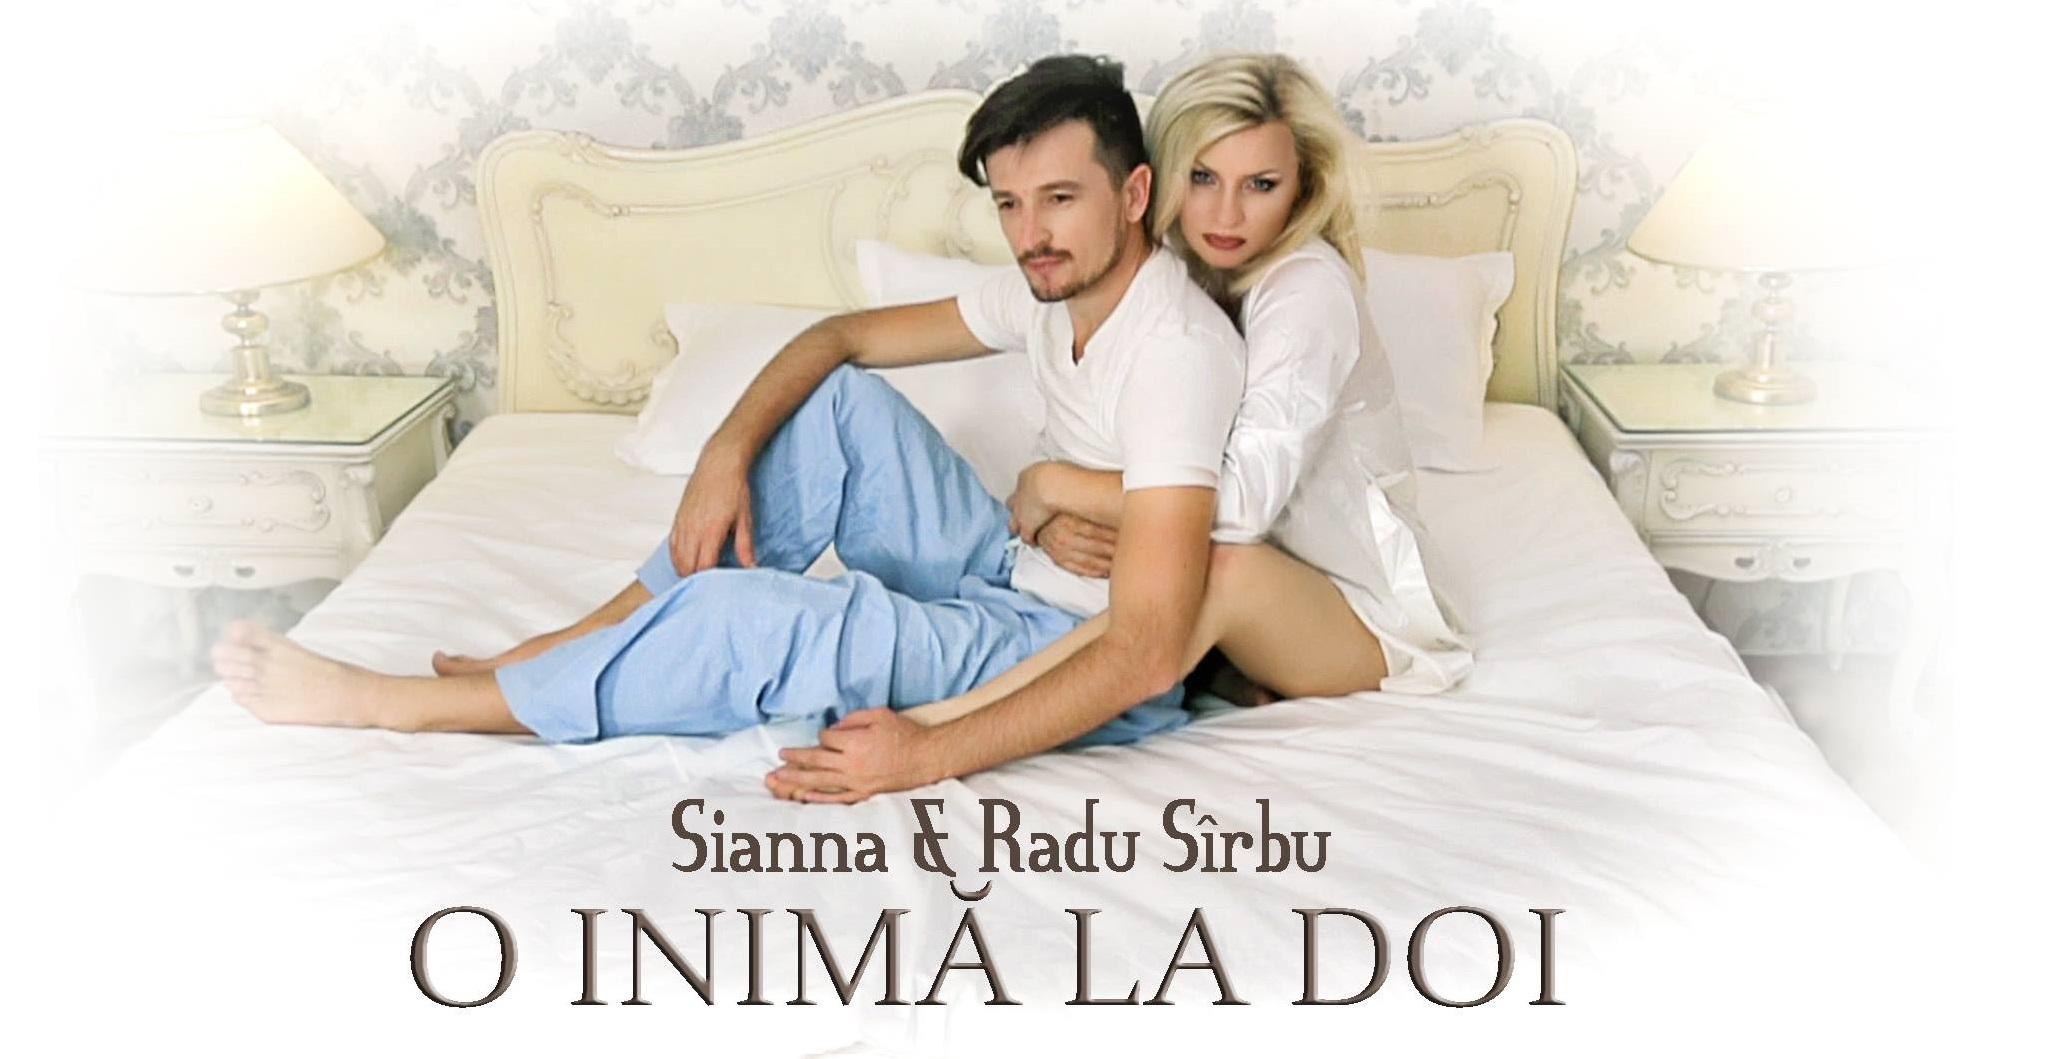 Sianna și Radu Sîrbu împart o inimă la doi! Ascultă noul lor videoclip